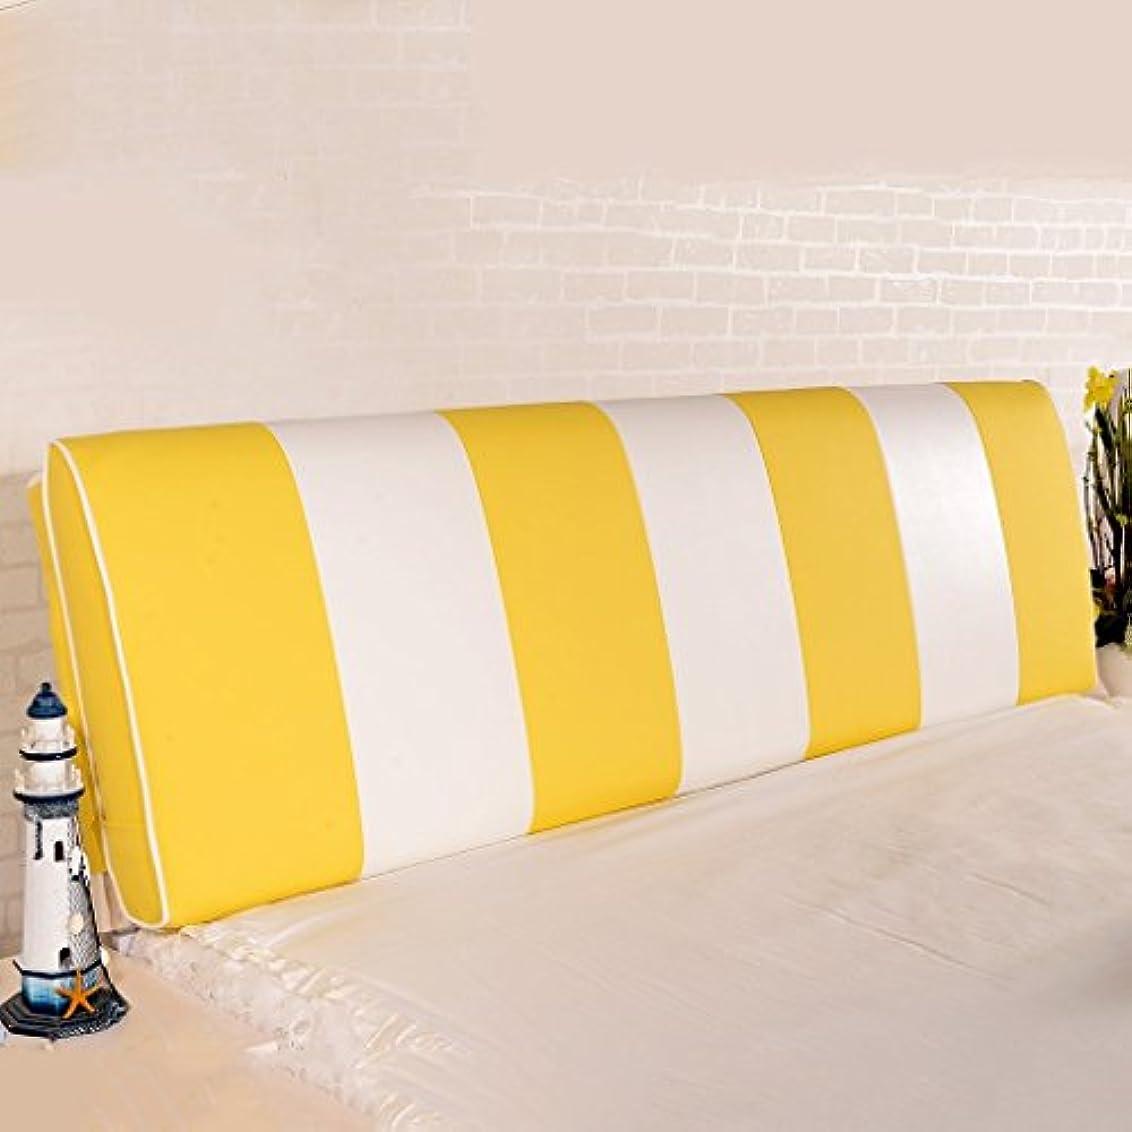 セッティング症候群失速31-luoshangqing ホームオフィスでのレザーバック頑丈なサポート腰椎枕大きなクッション背もたれサポート読書枕クッション (Color : A, サイズ : 120CM)